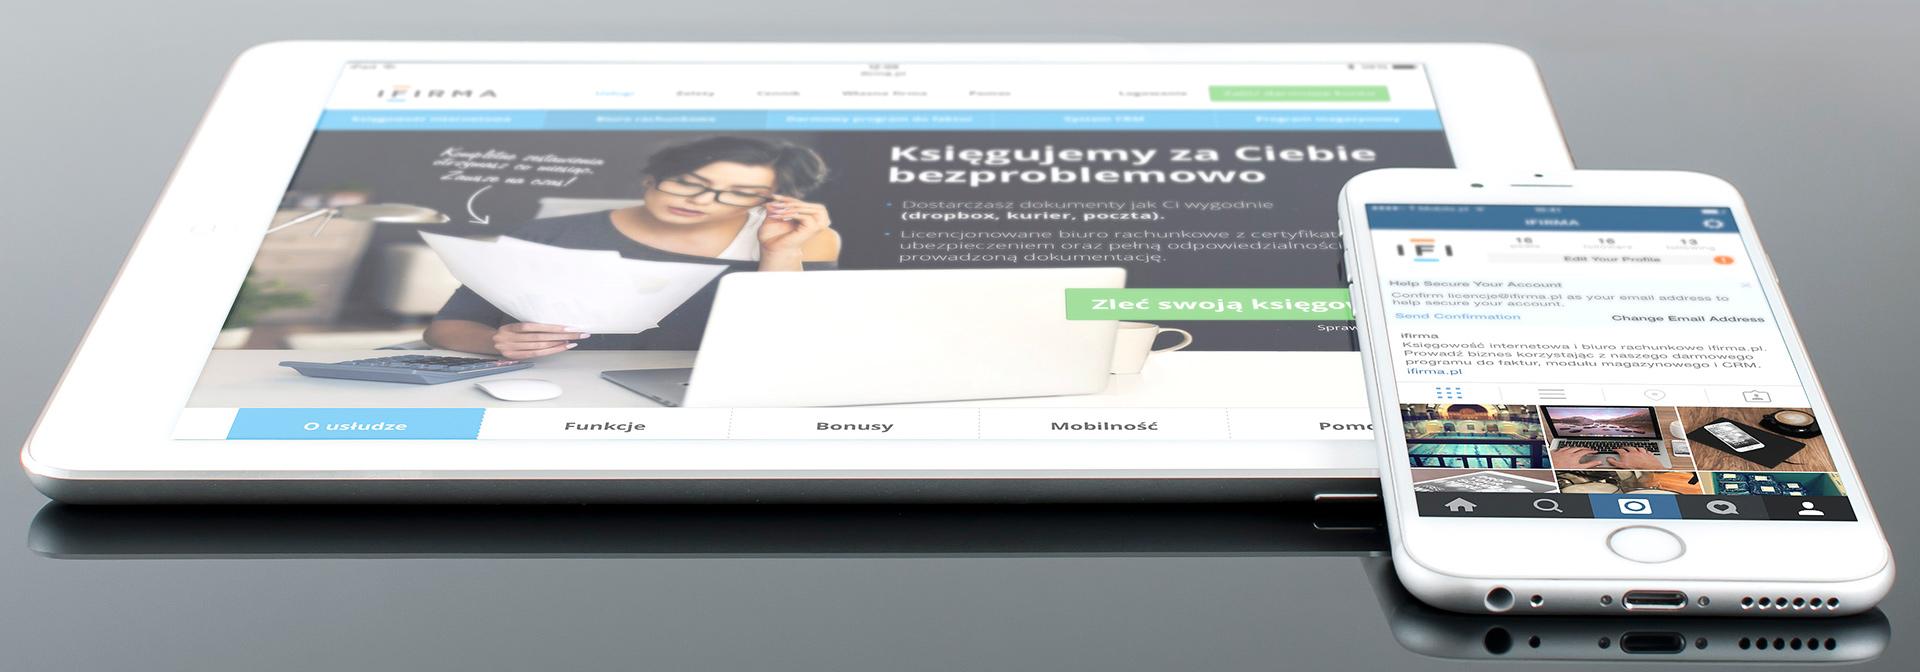 DiseñaFacyl - Diseño de páginas web en Palencia